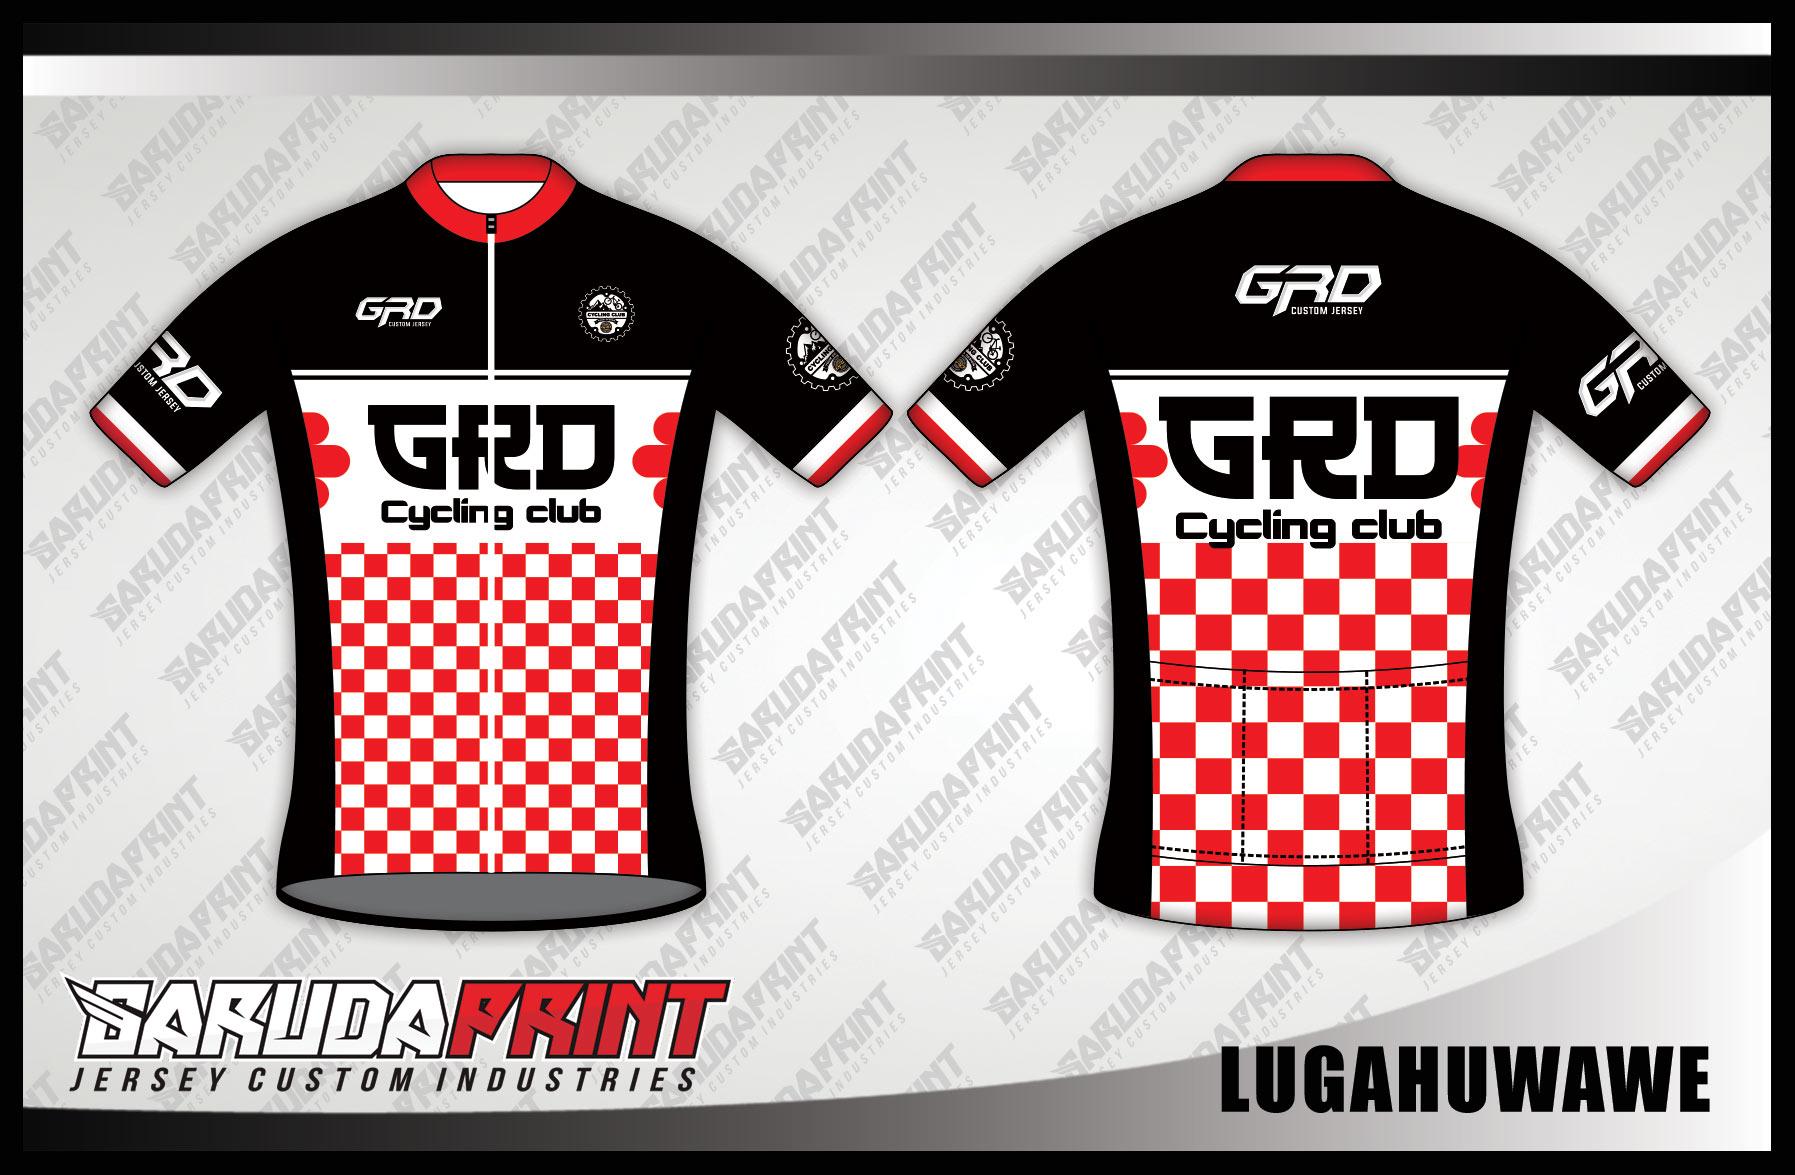 Jersey Sepeda Printing Warna Hitam Putih Merah Yang Dinamis